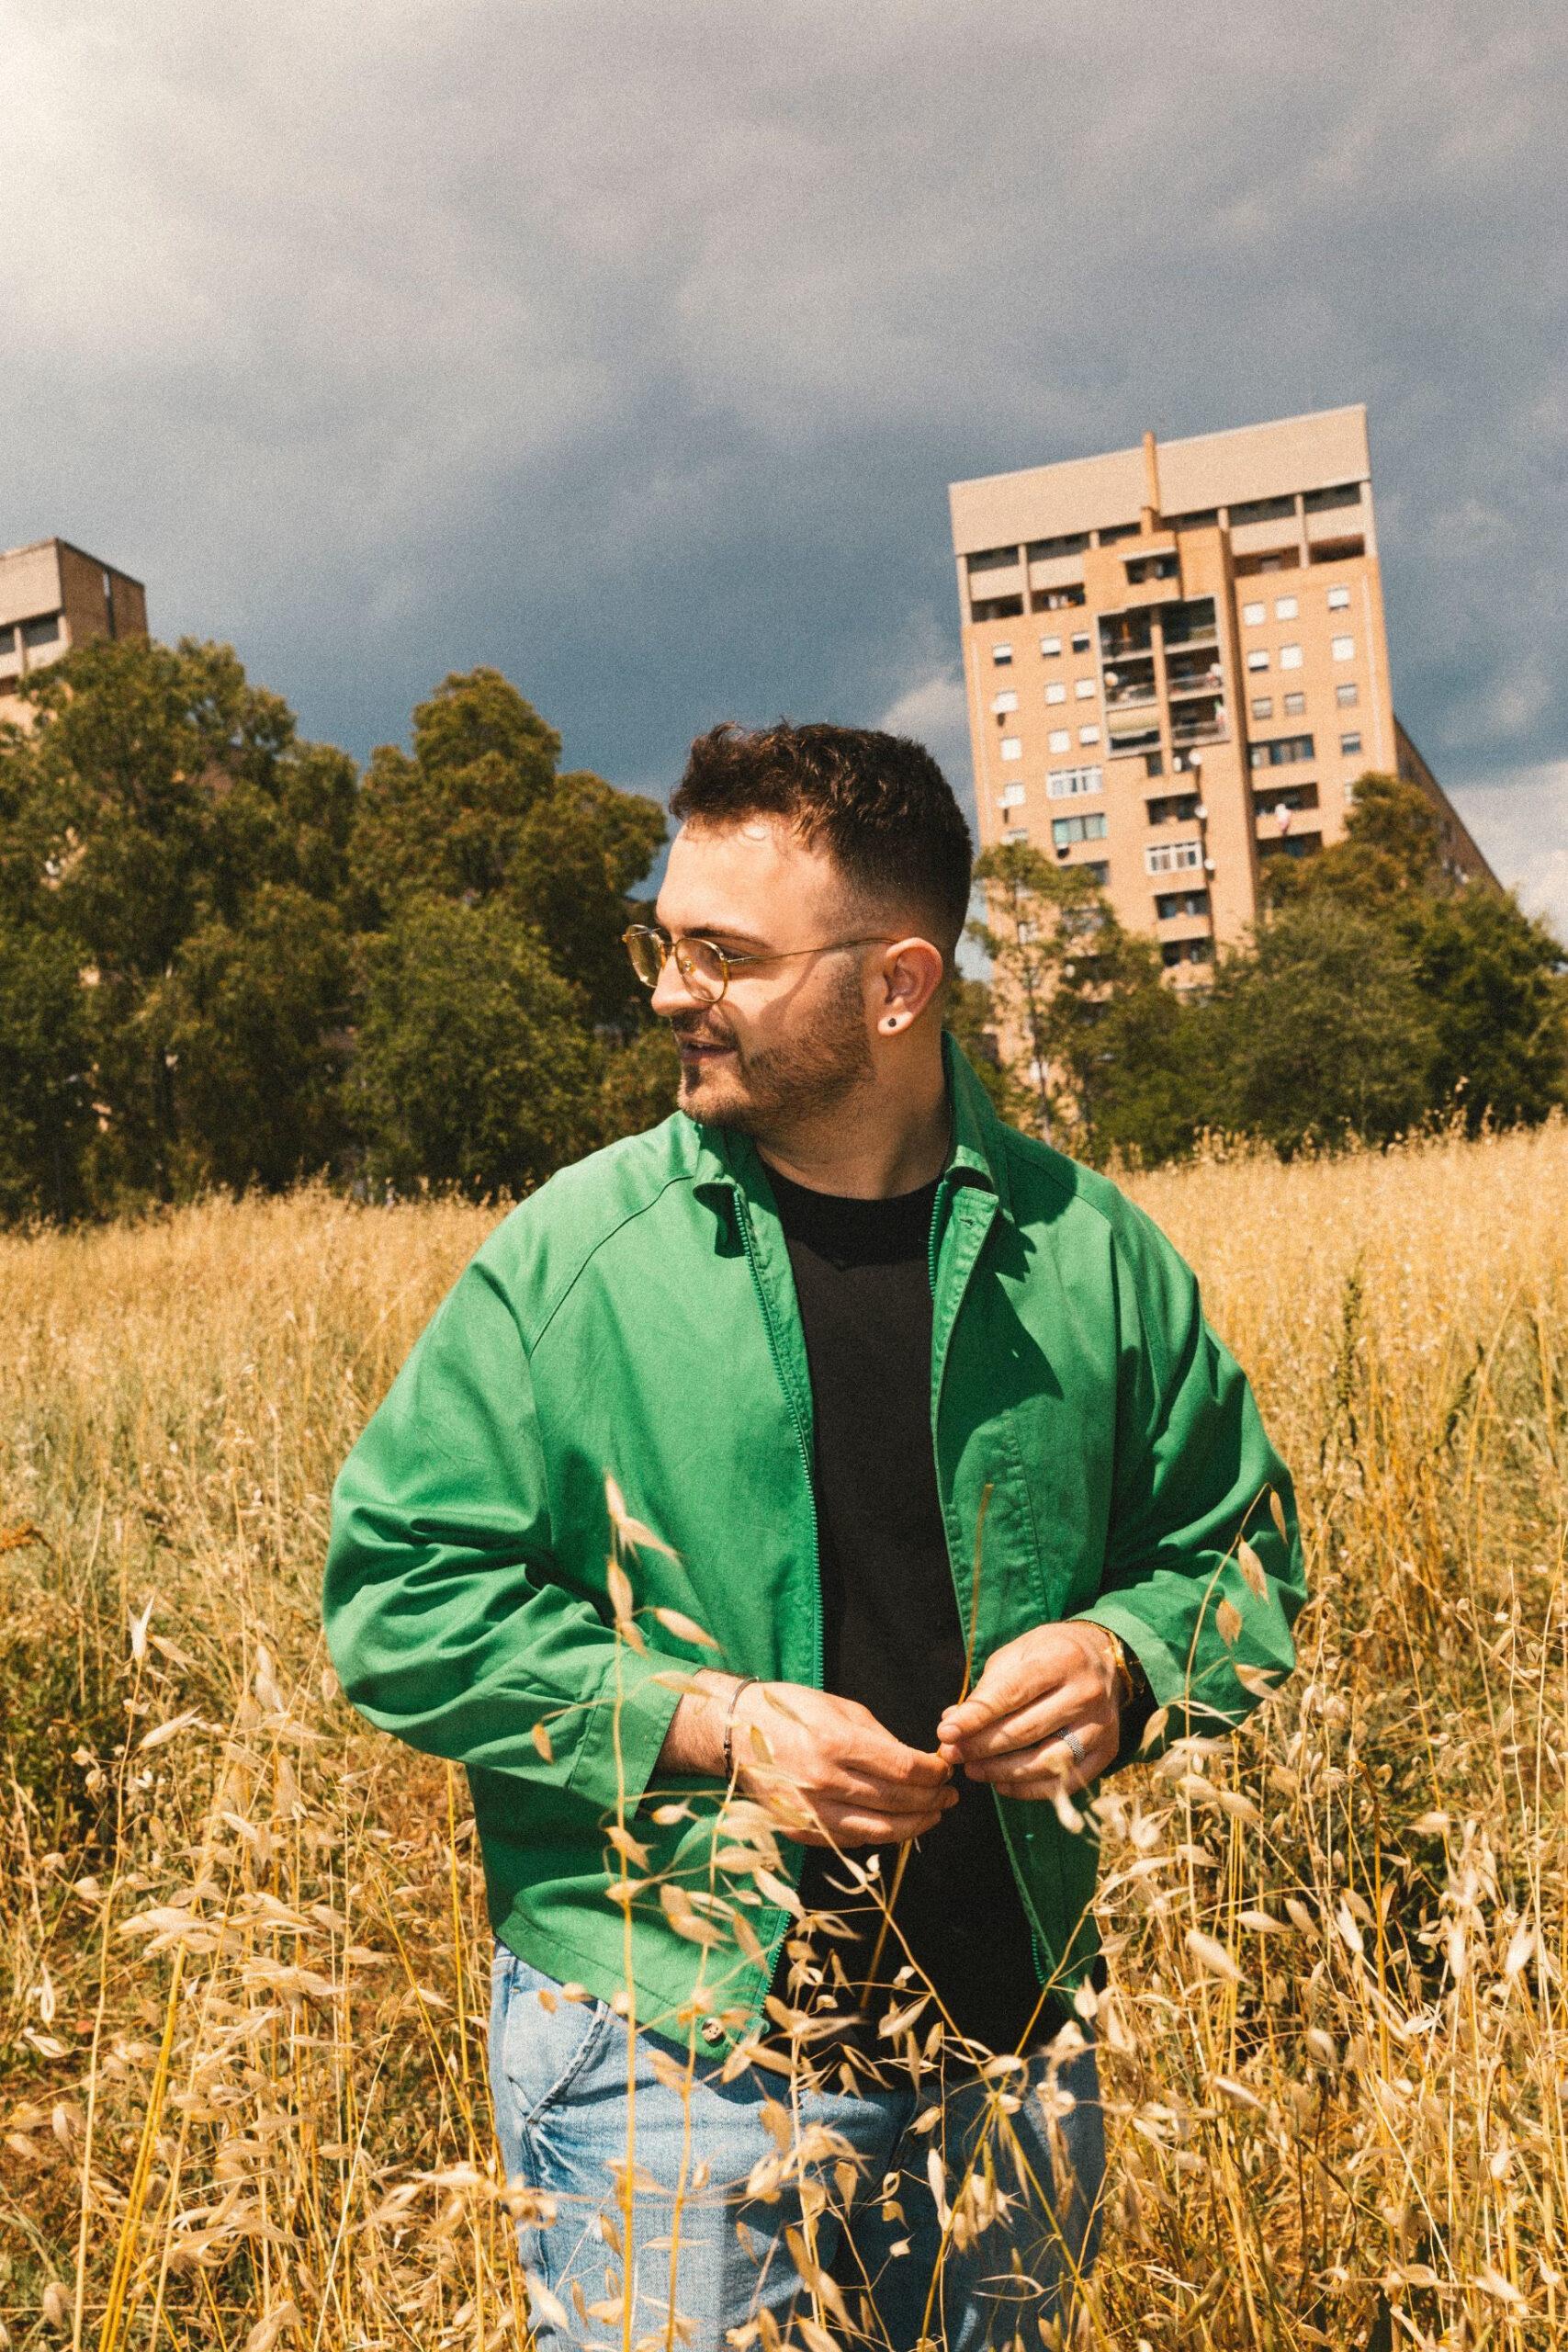 Manuel Finotti giovane polistrumentista e cantautore romano